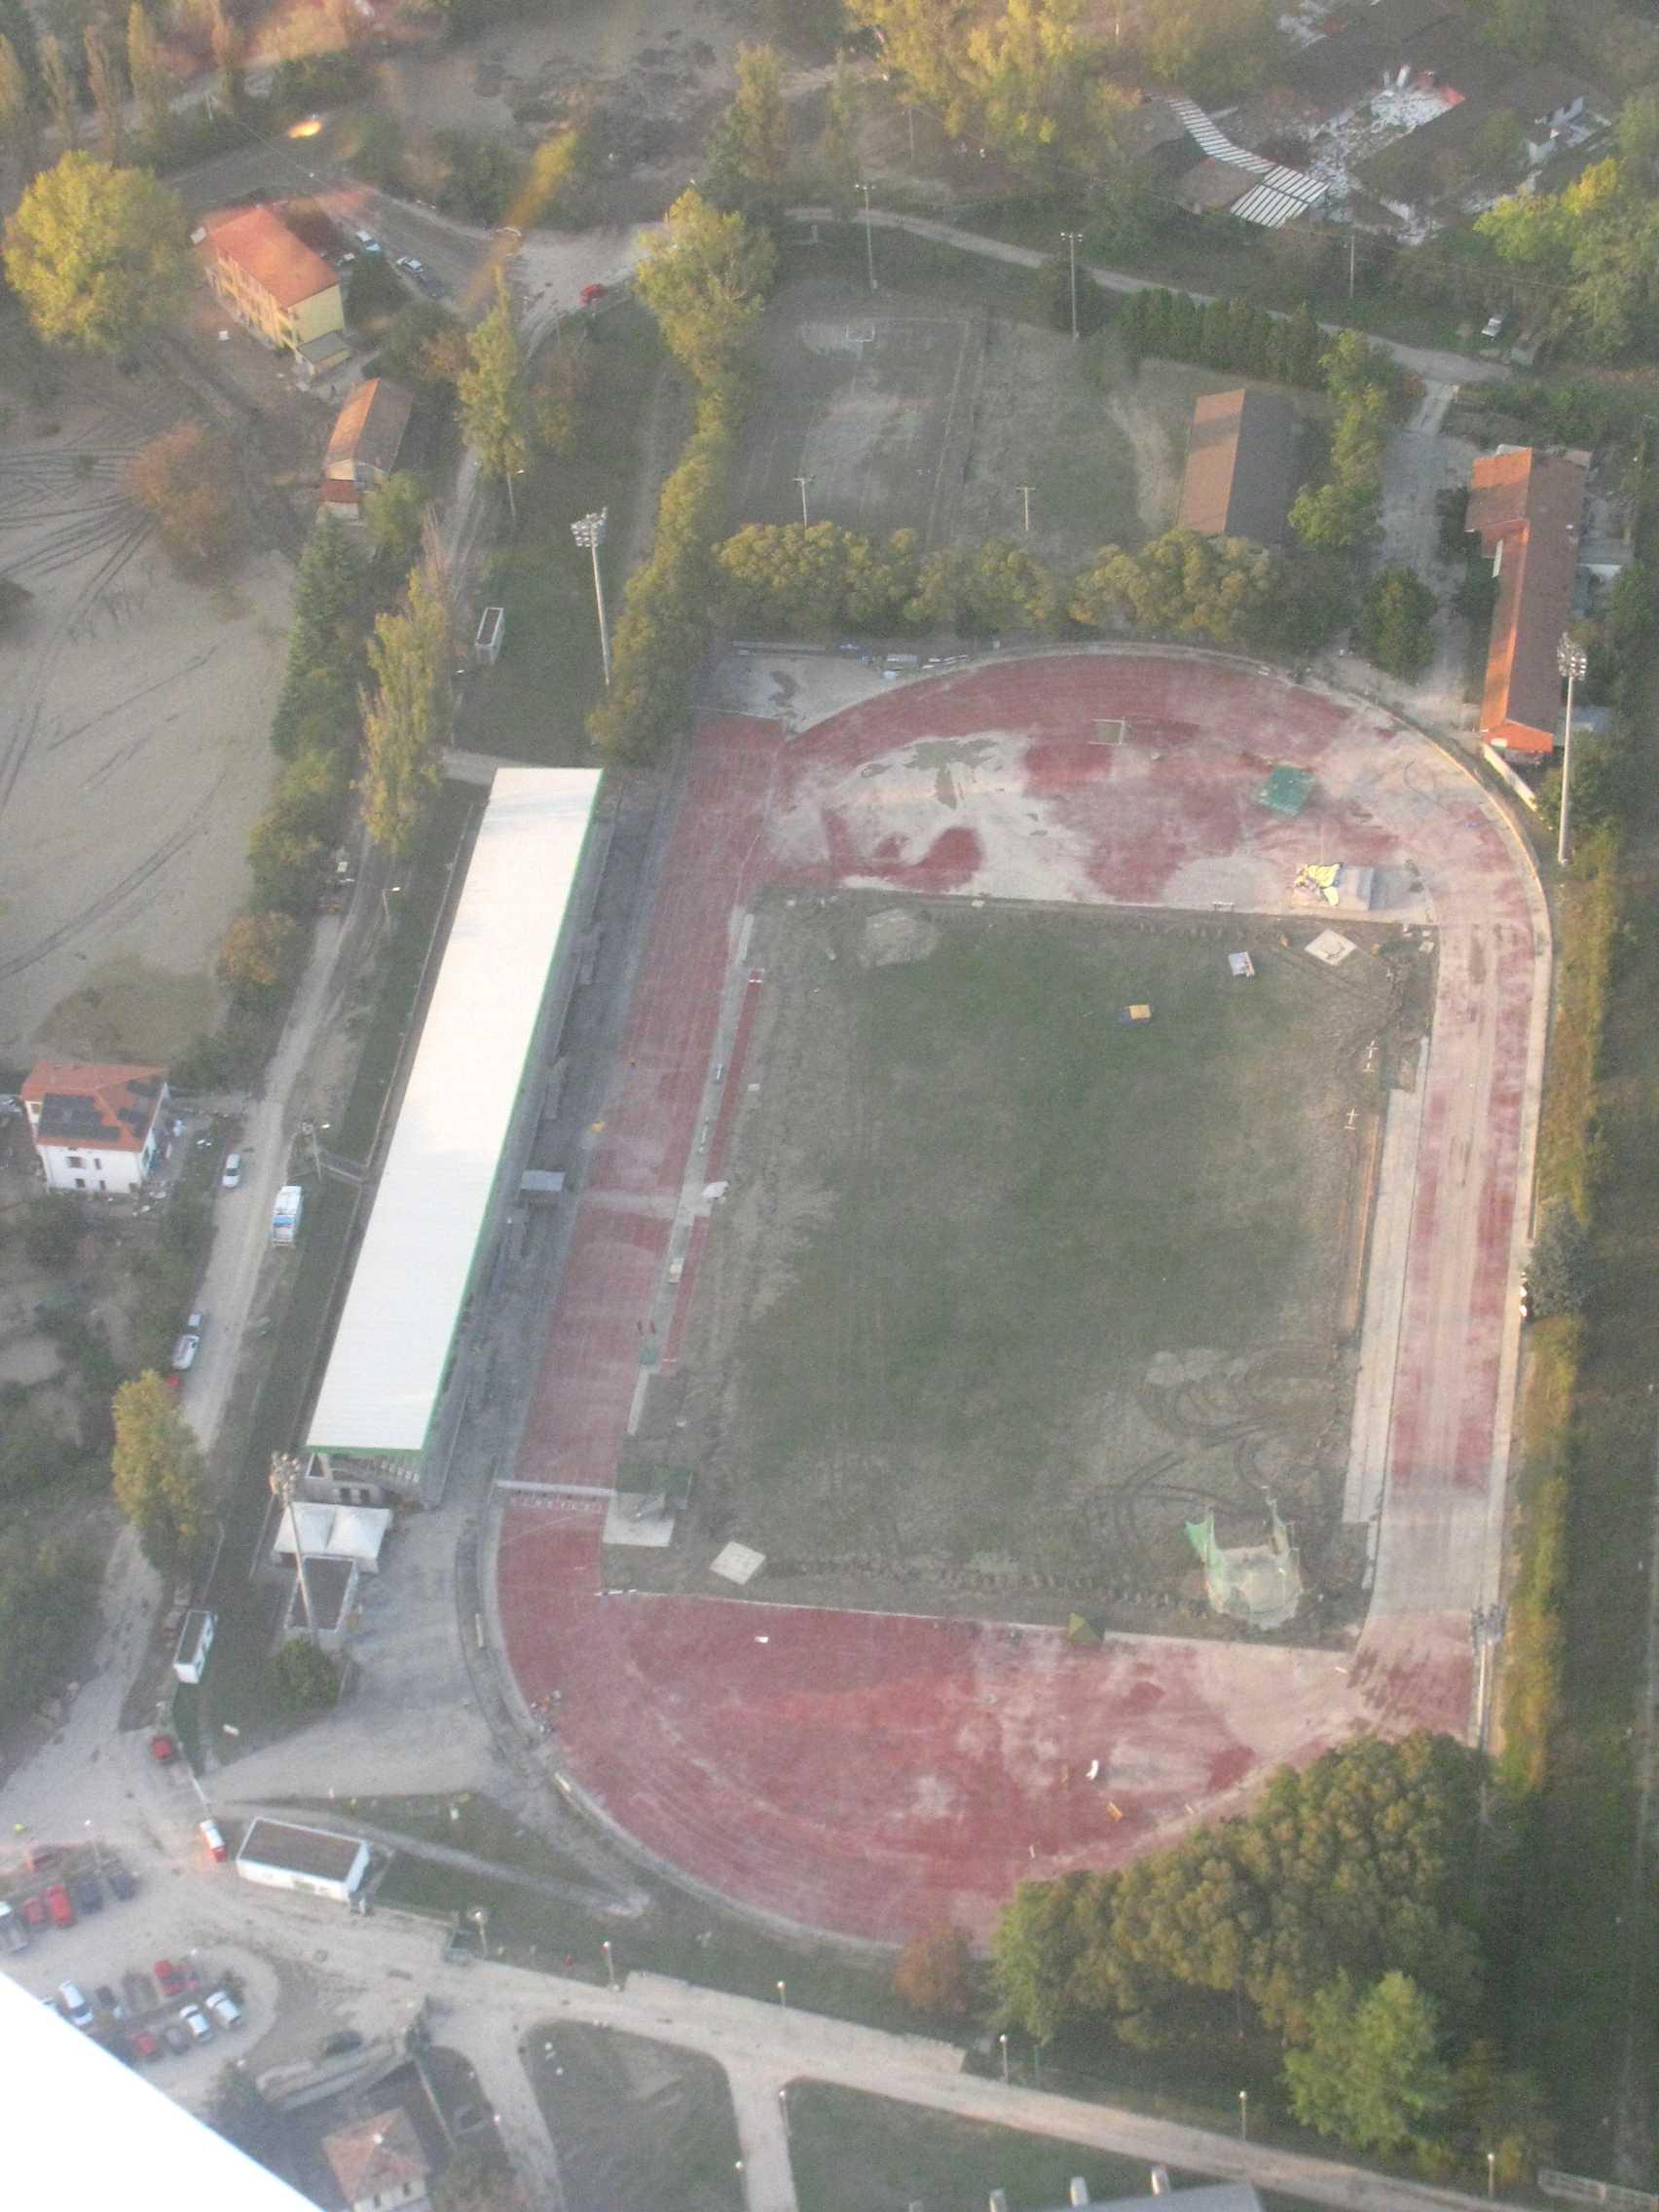 centro sportivo lauro grossi - Parma